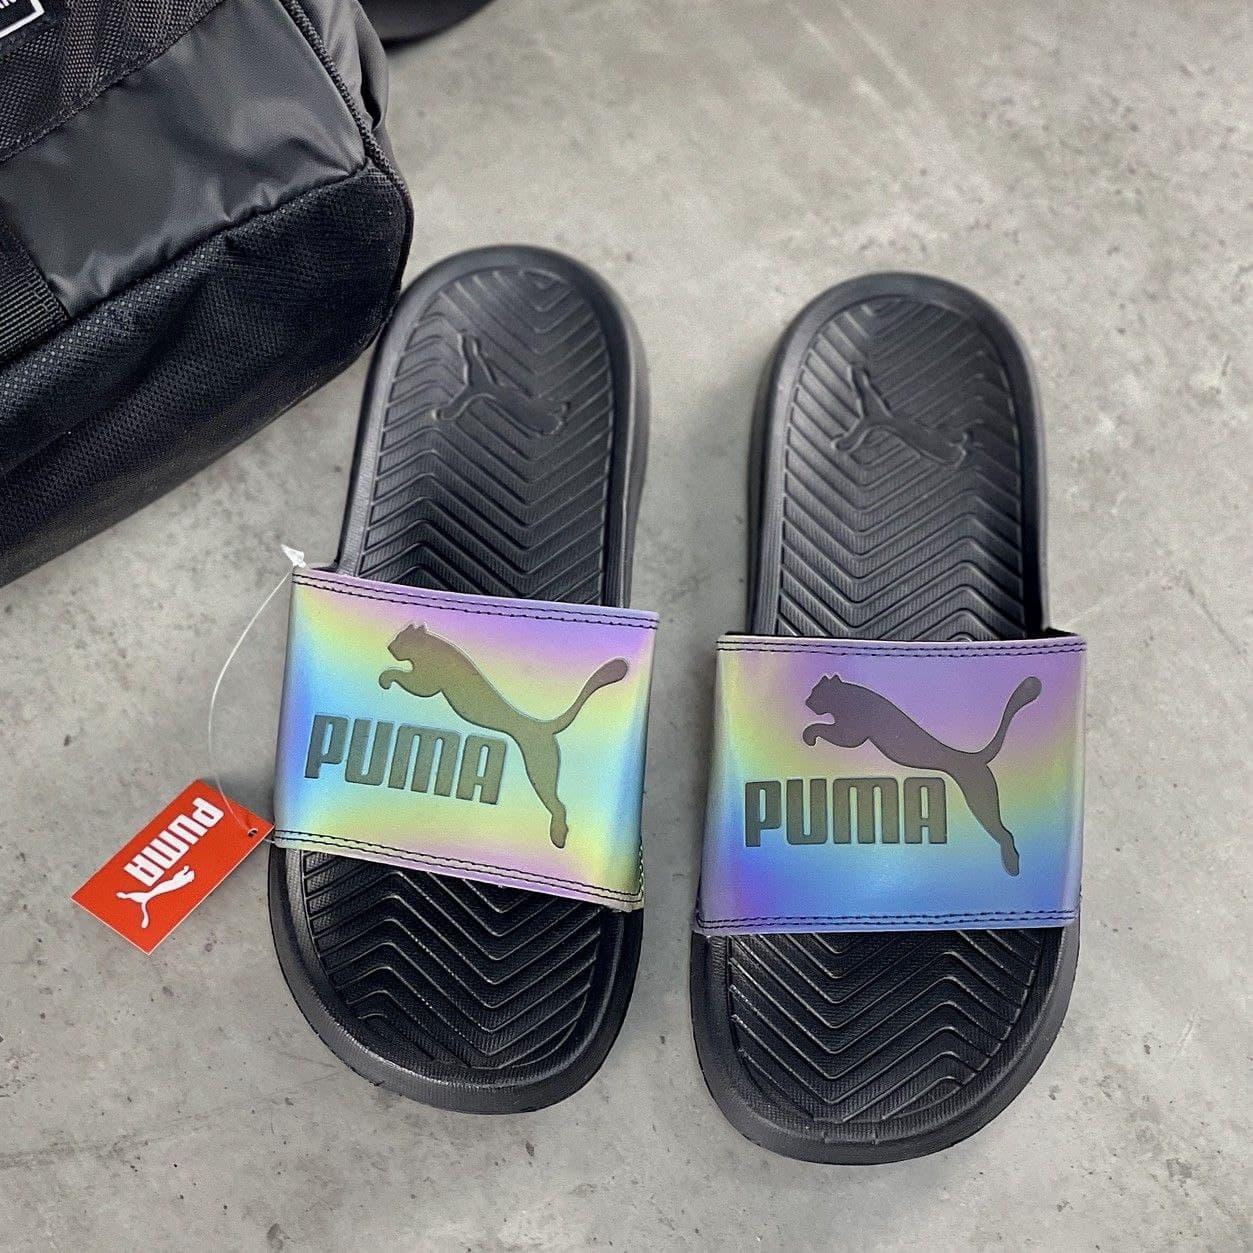 Мужские шлепанцы с логотипом Puma Black   Тапочки Пума Черные